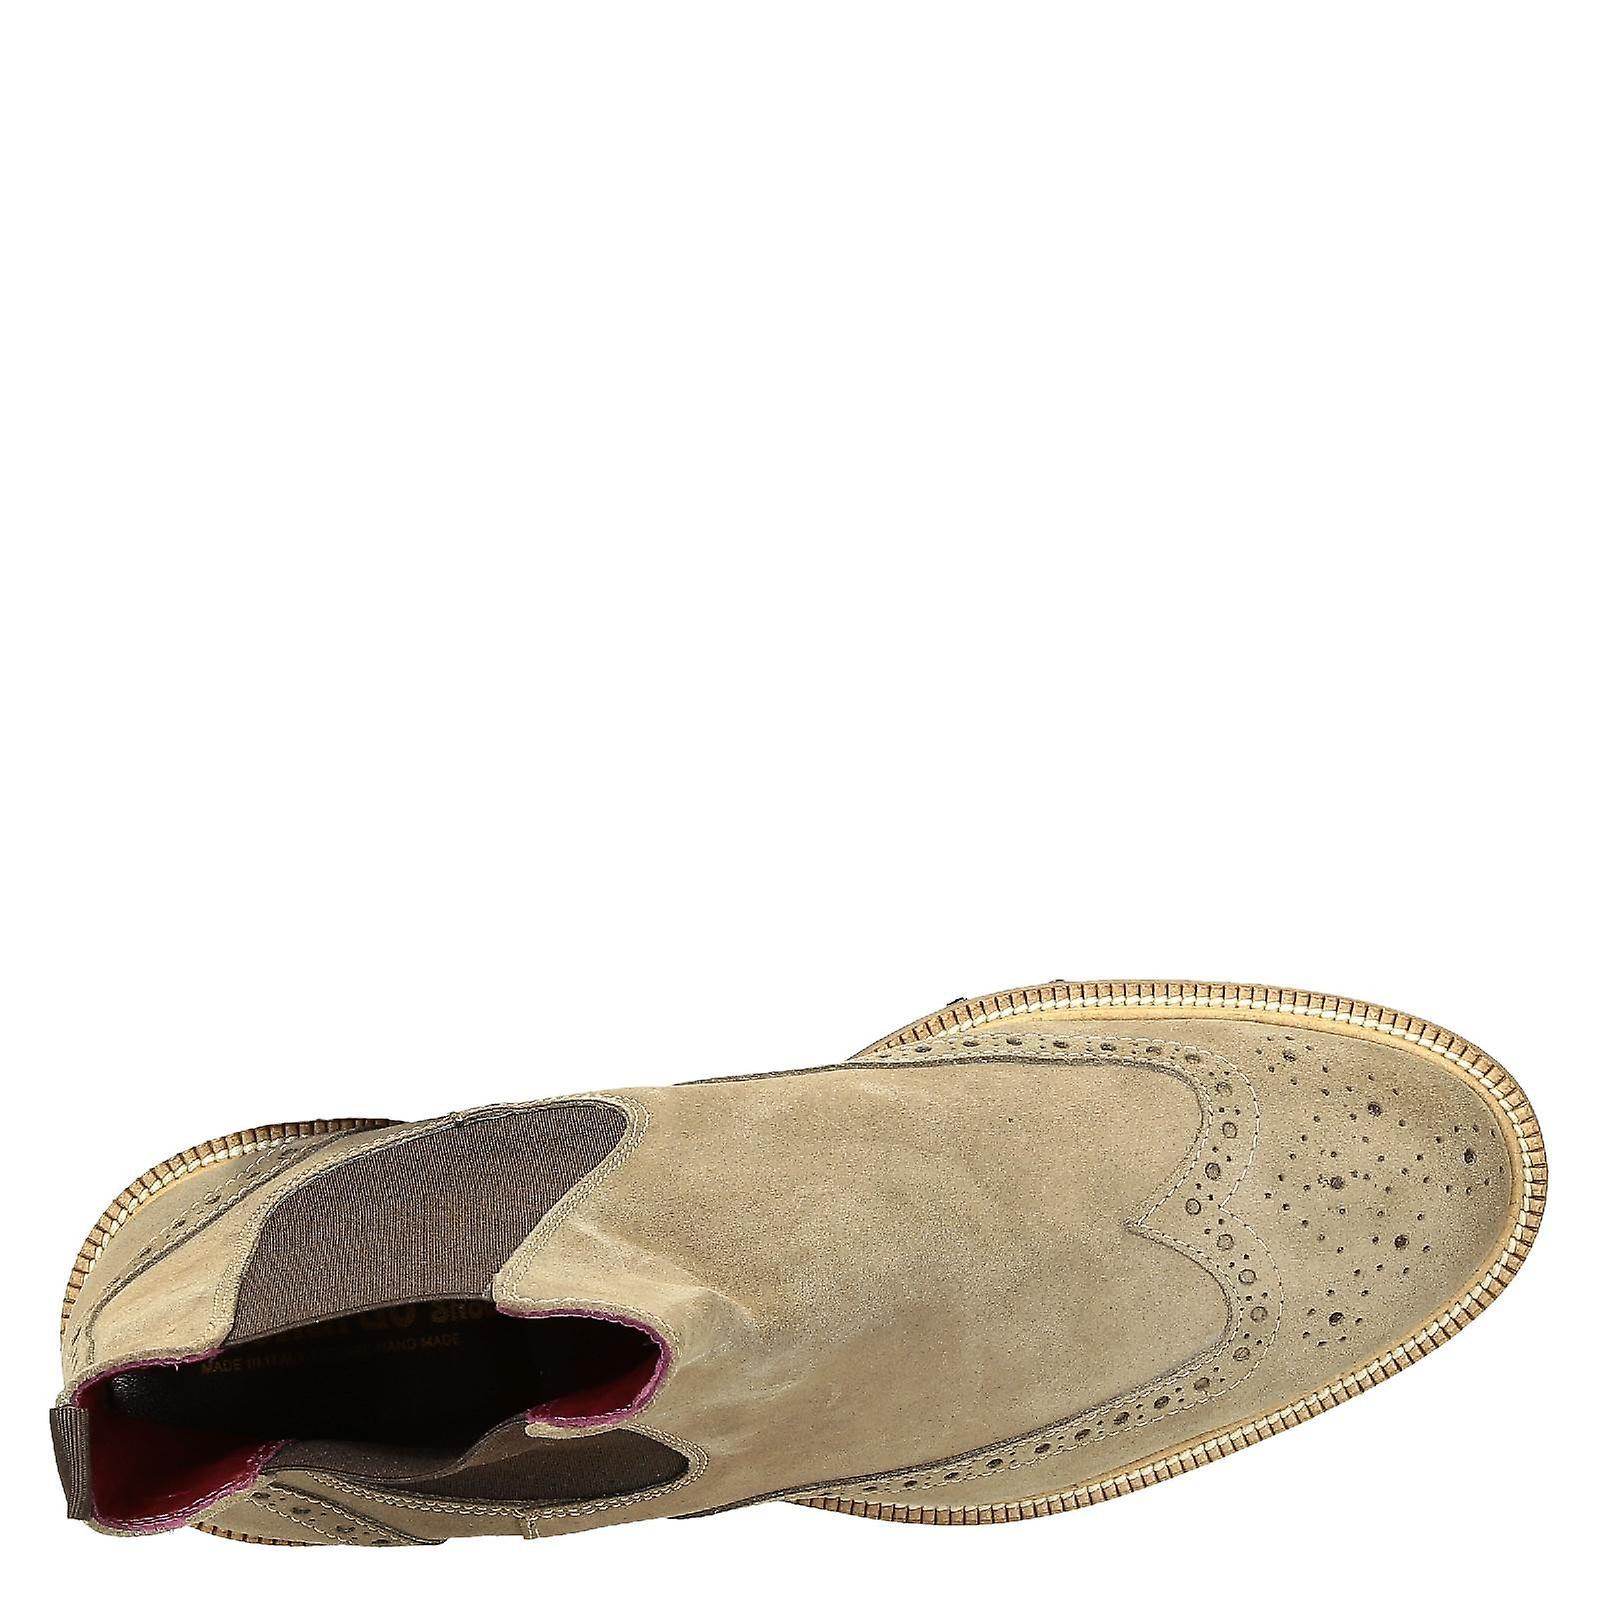 Leonardo Shoes Men-apos;s bottes chelsea brogues faites à la main en cuir de daim beige